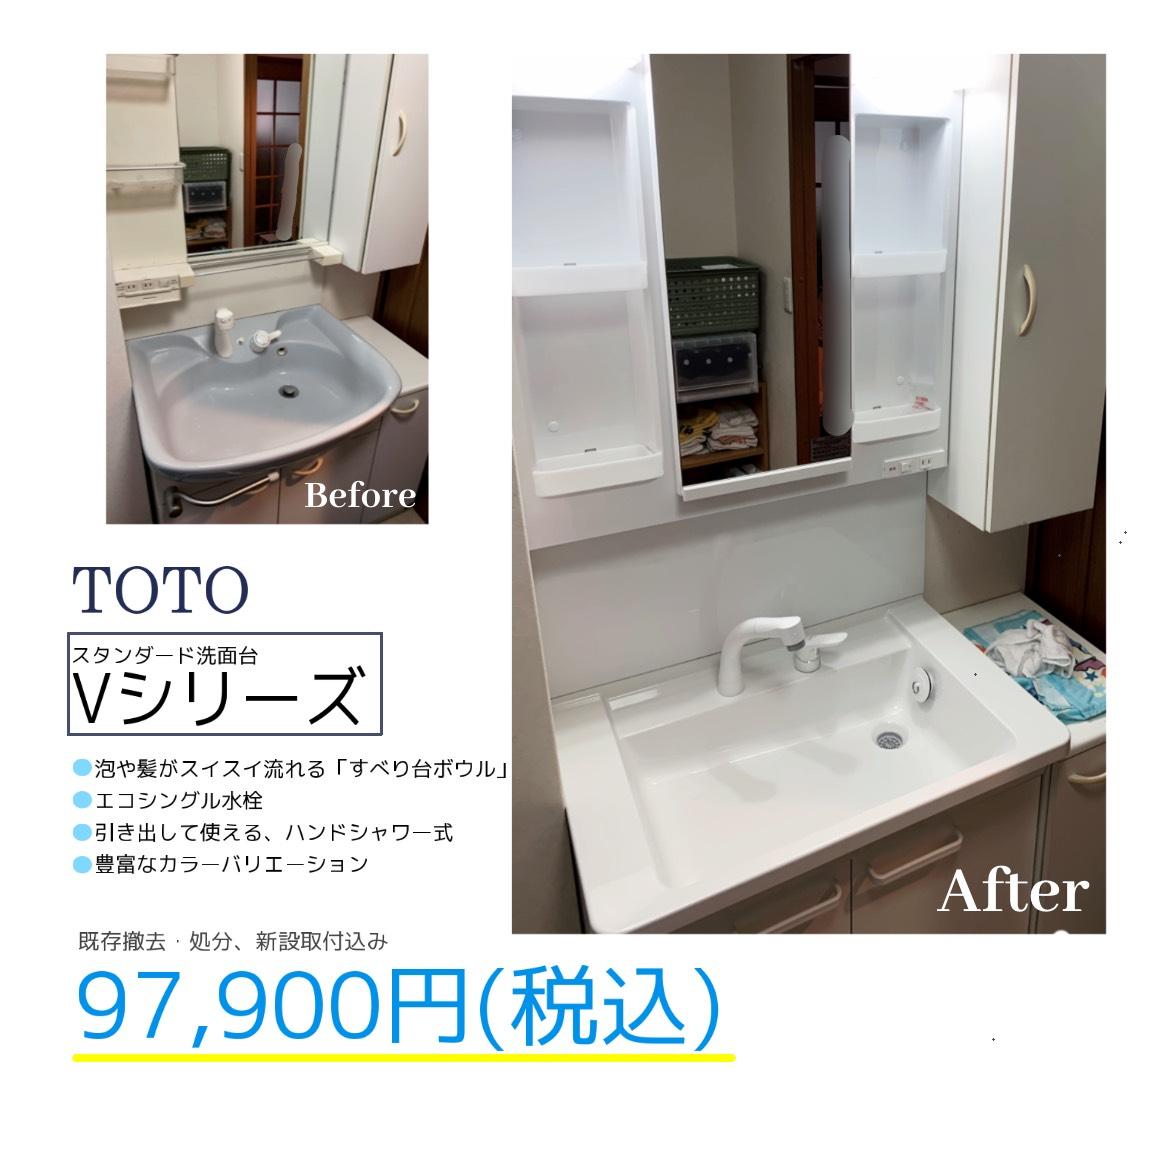 マンションの洗面台を交換。TOTOのVシリーズ。LED照明になって明るい!